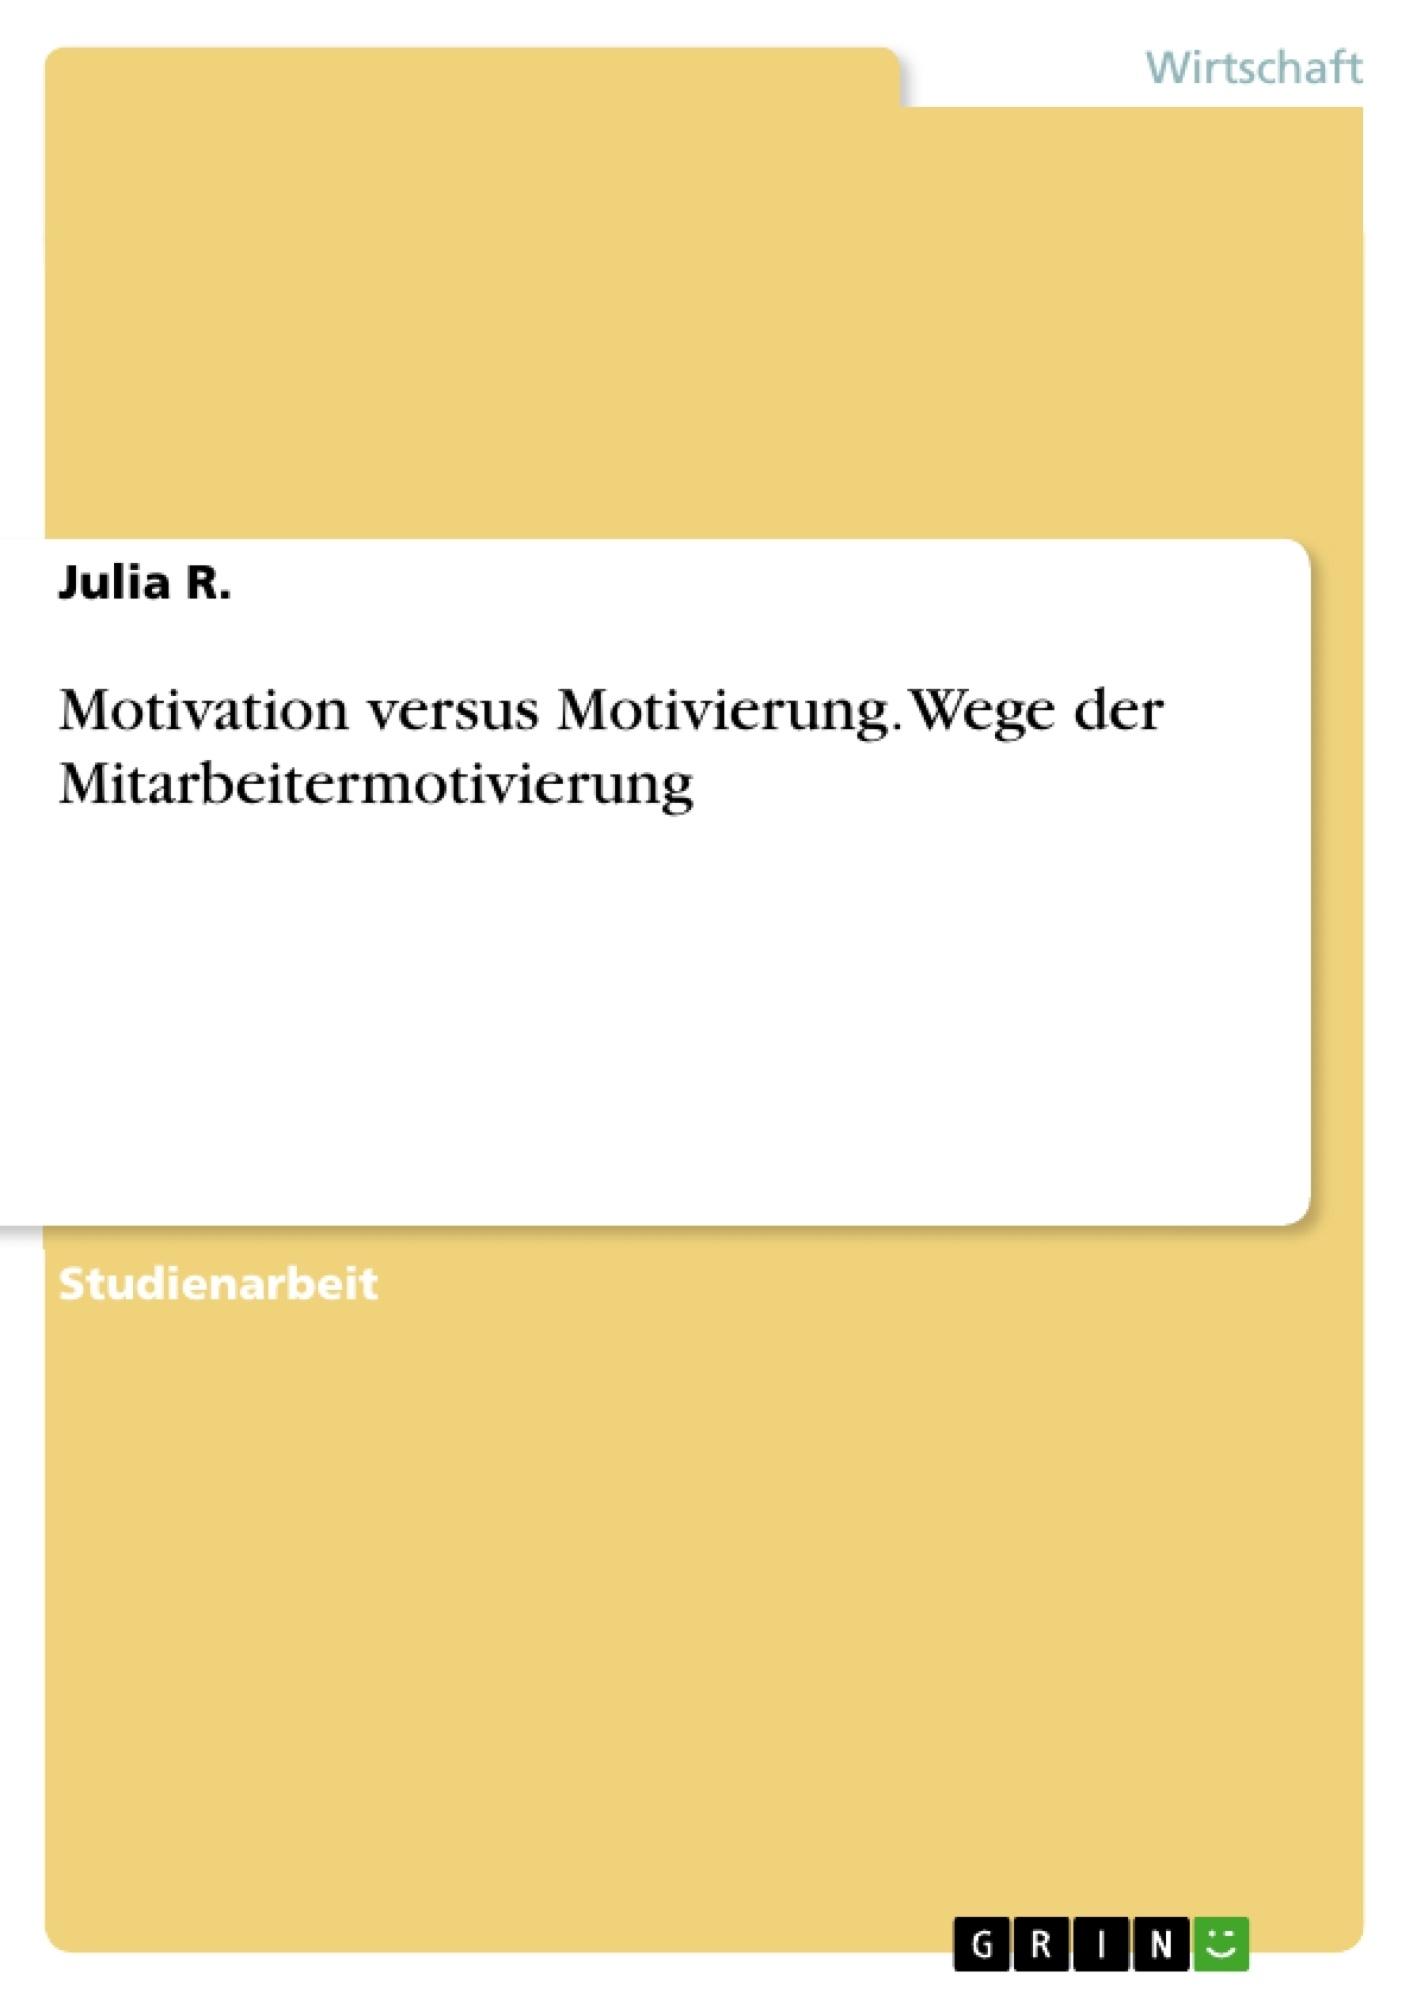 Titel: Motivation versus Motivierung. Wege der Mitarbeitermotivierung